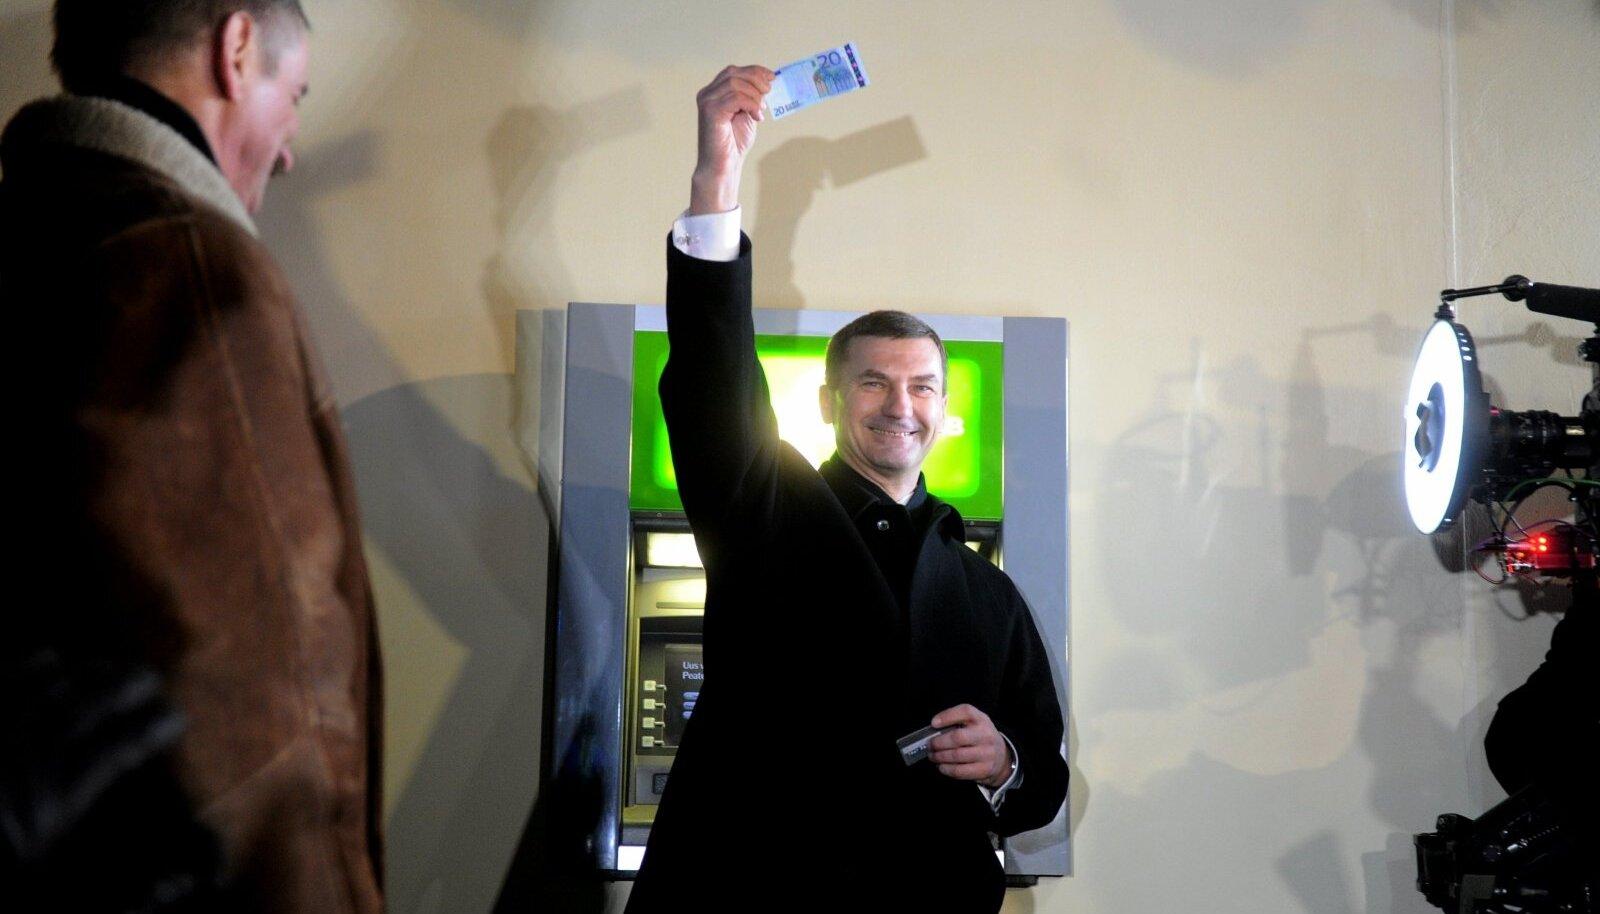 Võidukas peaminister Andrus Ansip 2011. aasta esimestel minutitel. Sularahaautomaat andis välja esimesed eurod.